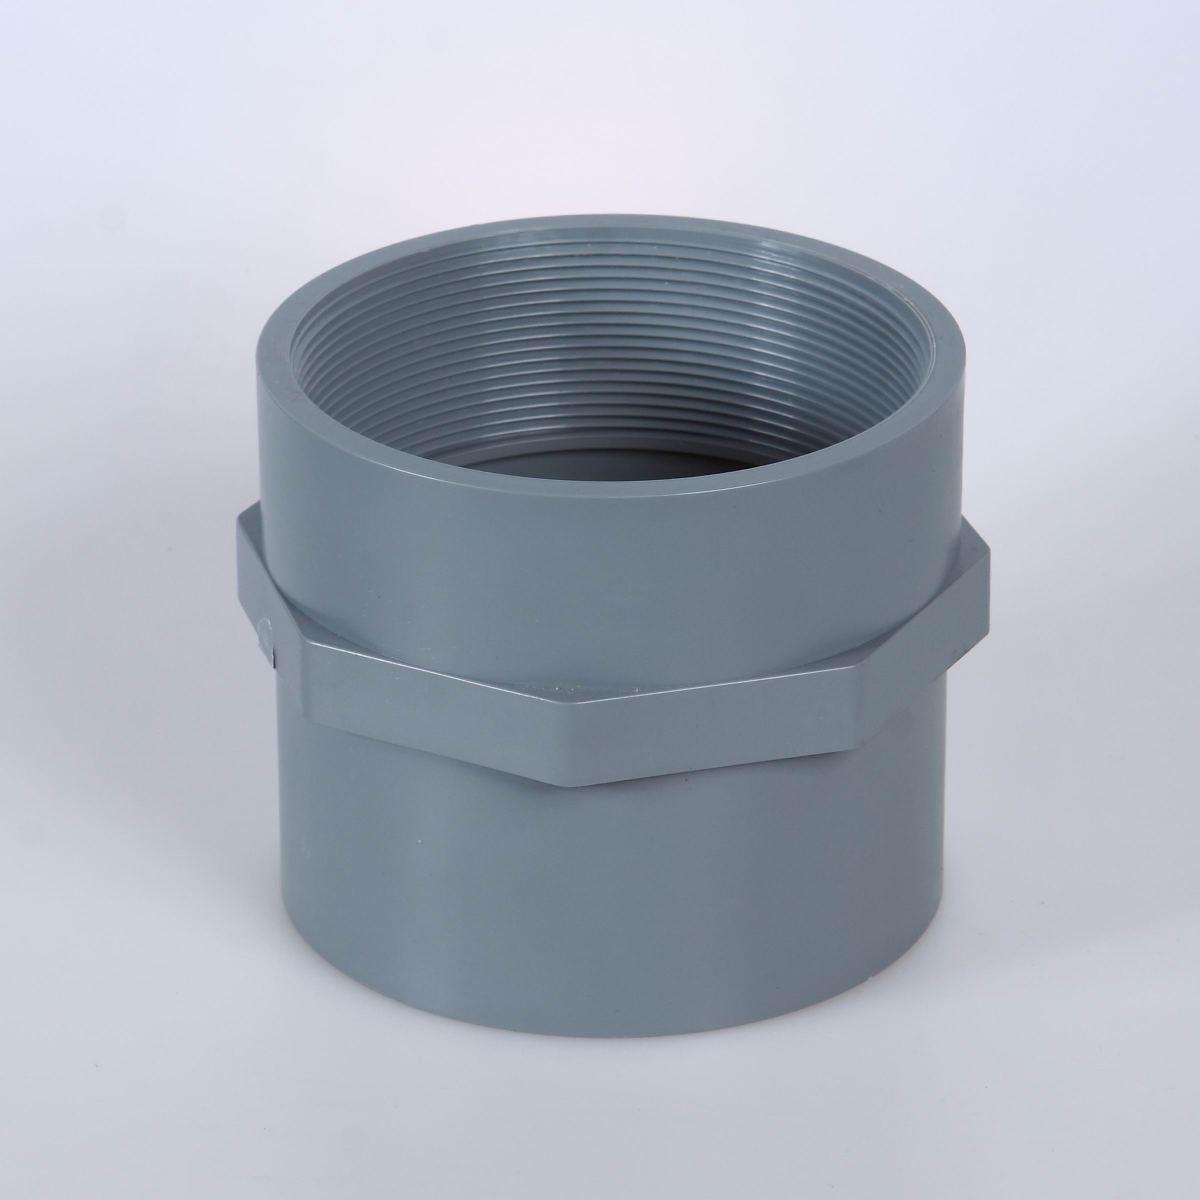 给水管件 全塑水箱pvcu接头定做加工给水直接双向接头排水管 阿里巴巴